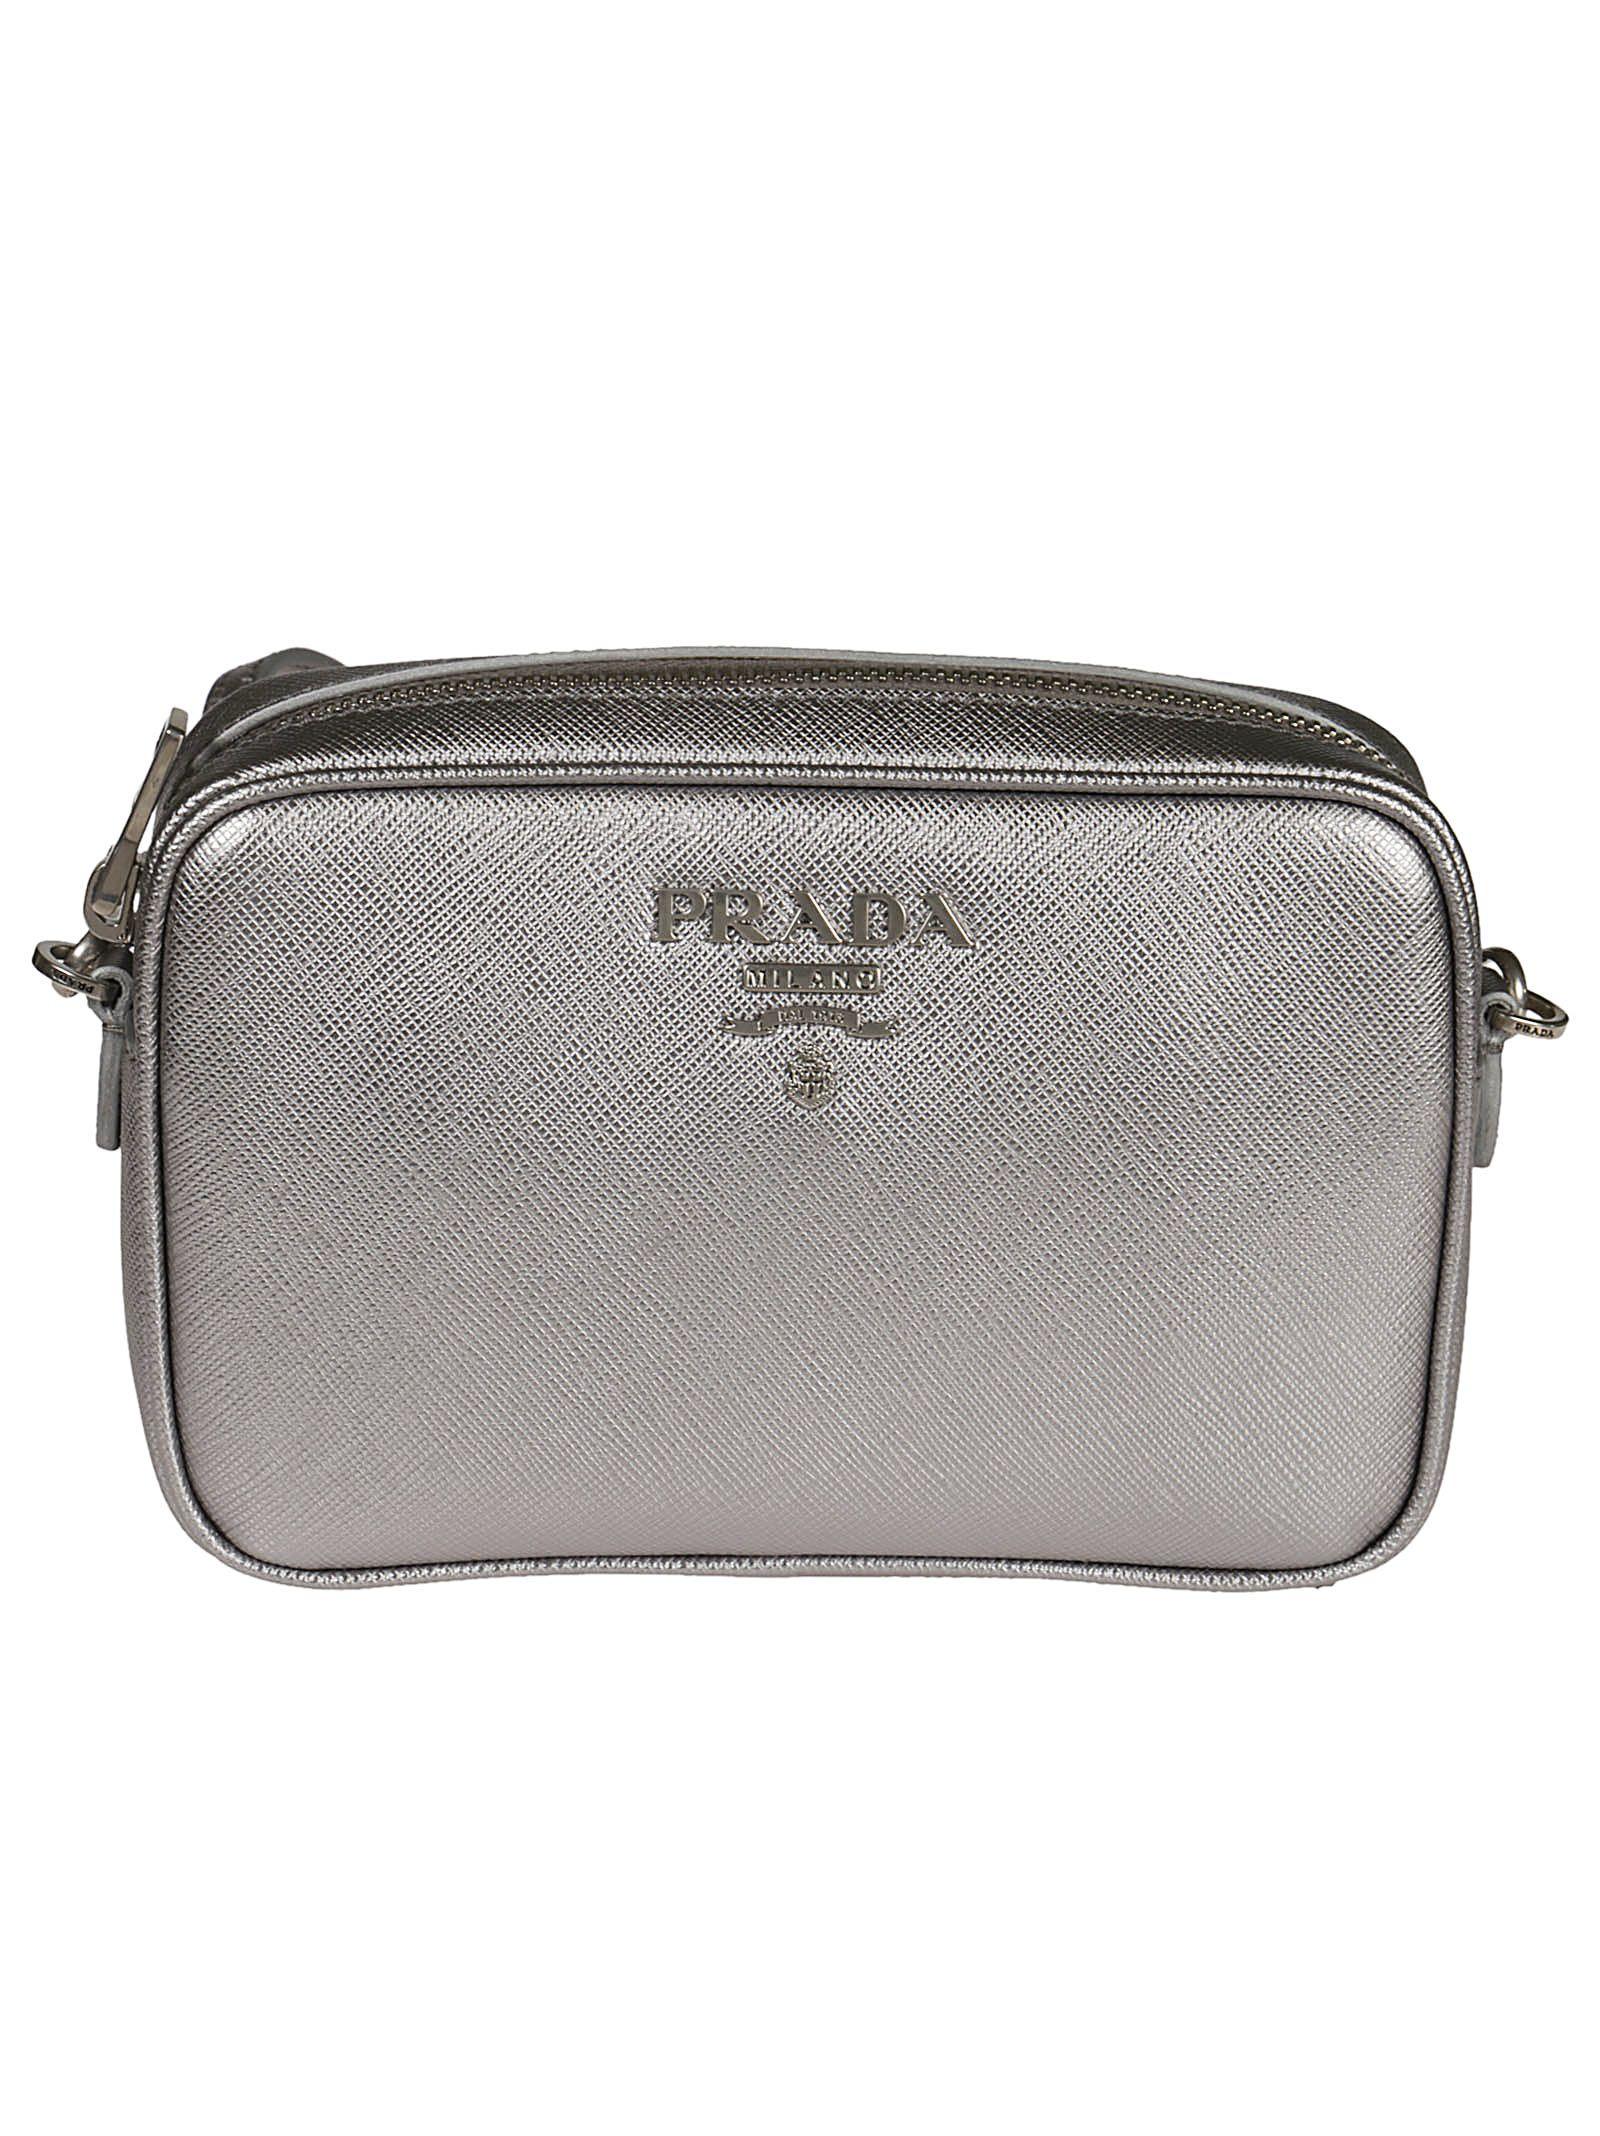 1b1b5cadf7c312 italist | Best price in the market for Prada Prada Logo Plaque ...